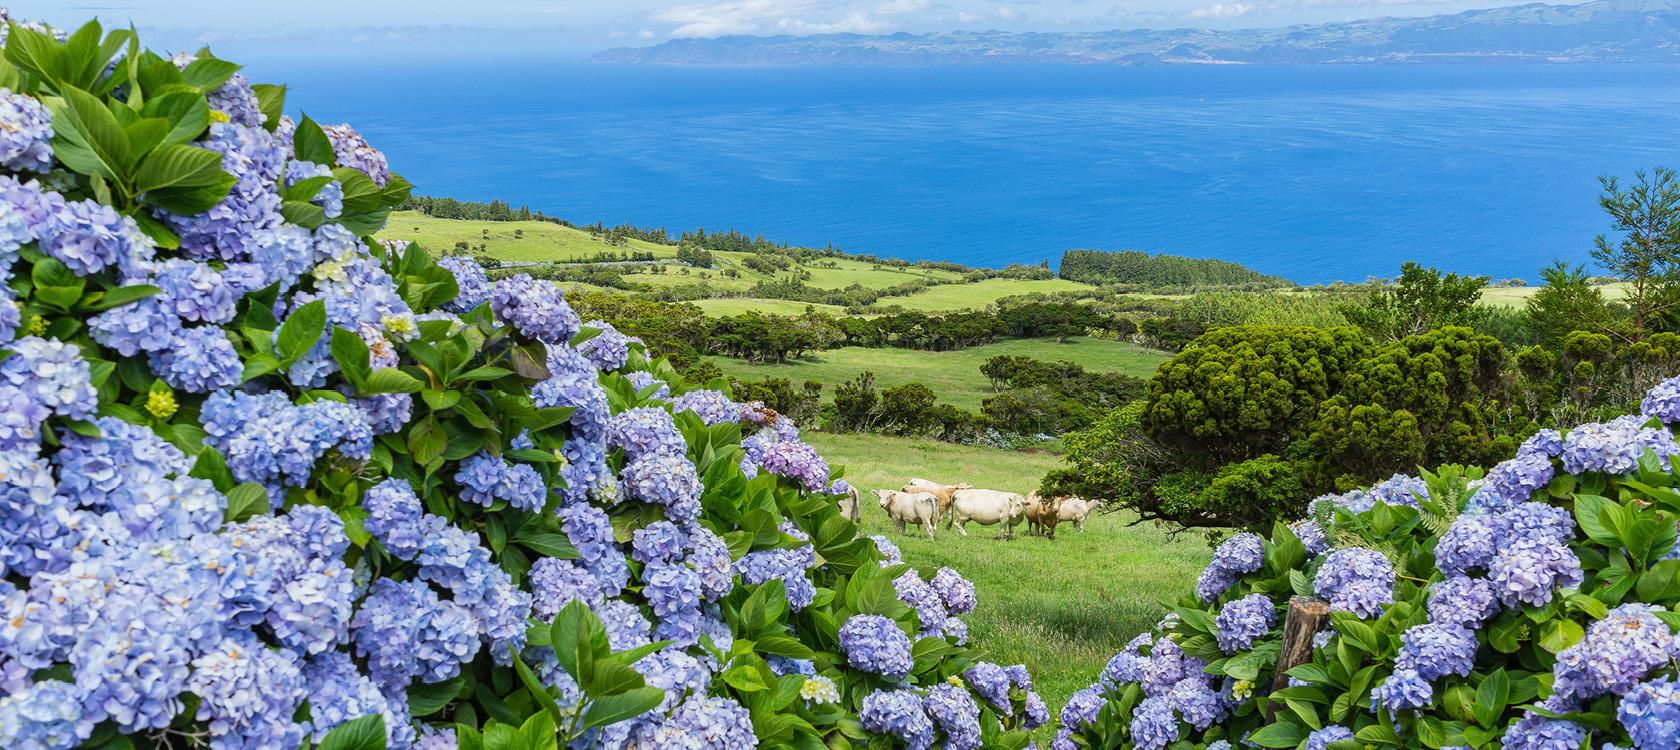 azorerne et naturligt paradis header lille